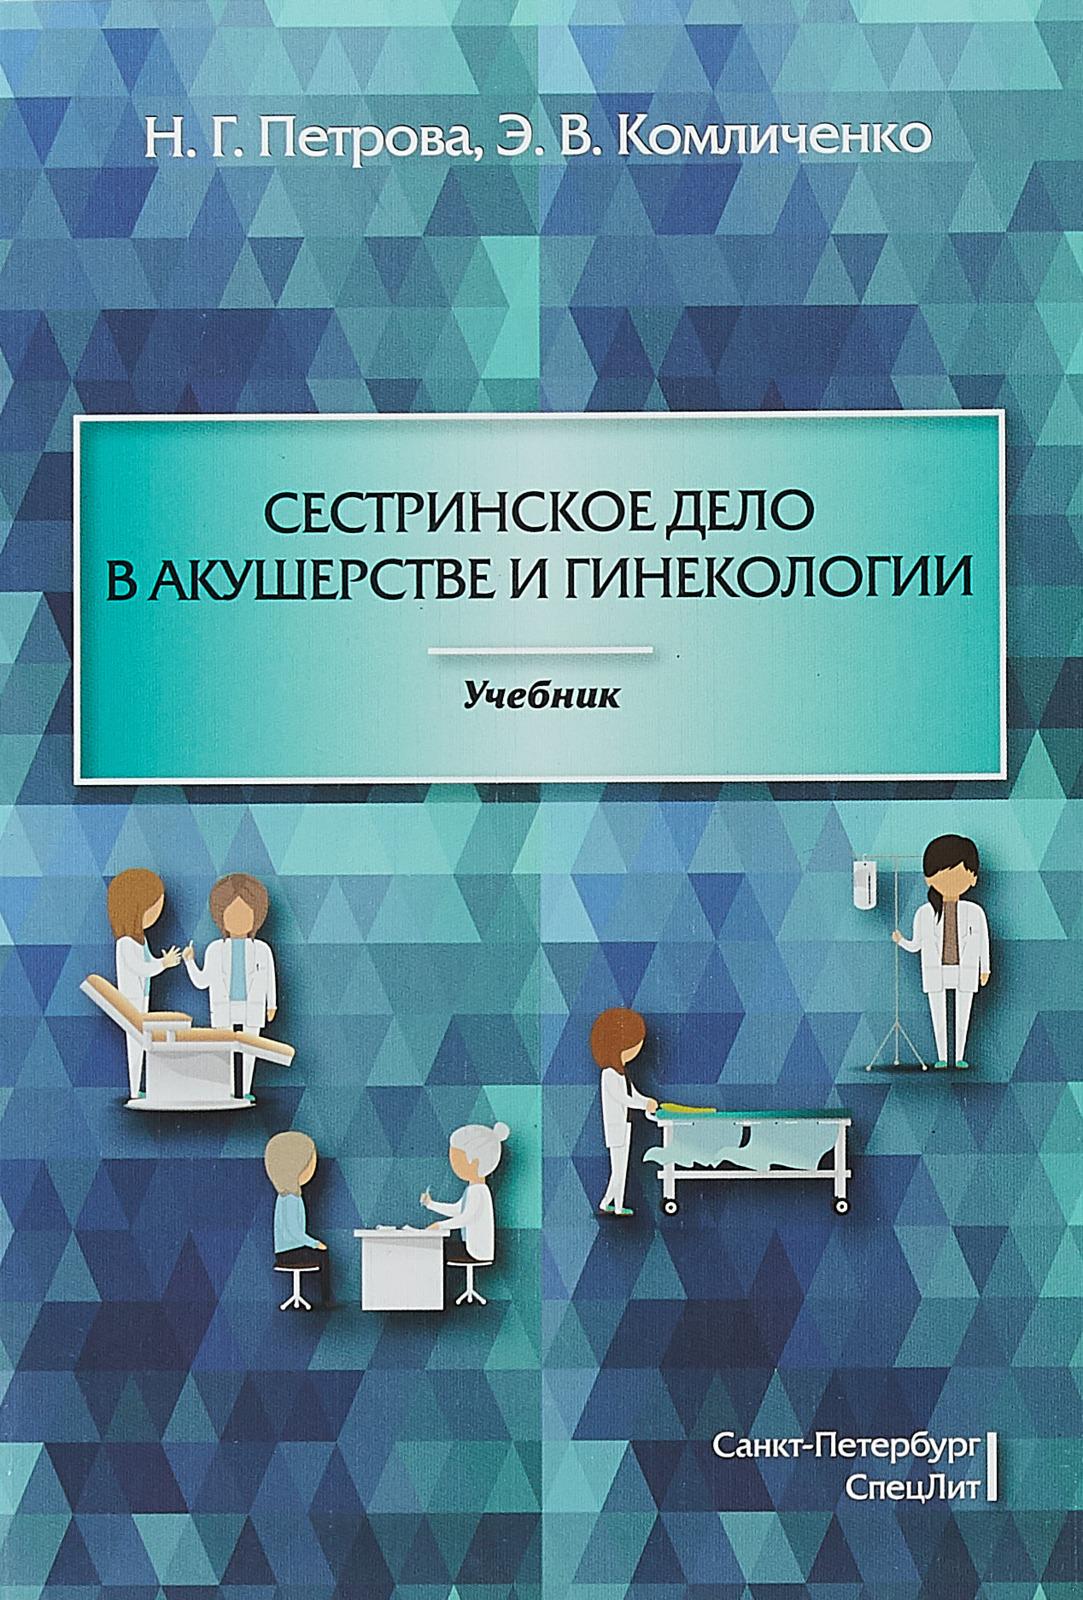 Н. Г. петрова, Э. В. Комличенко Сестринское дело в акушерстве и гинекологии. Учебник учебник акушерства и гинекологии